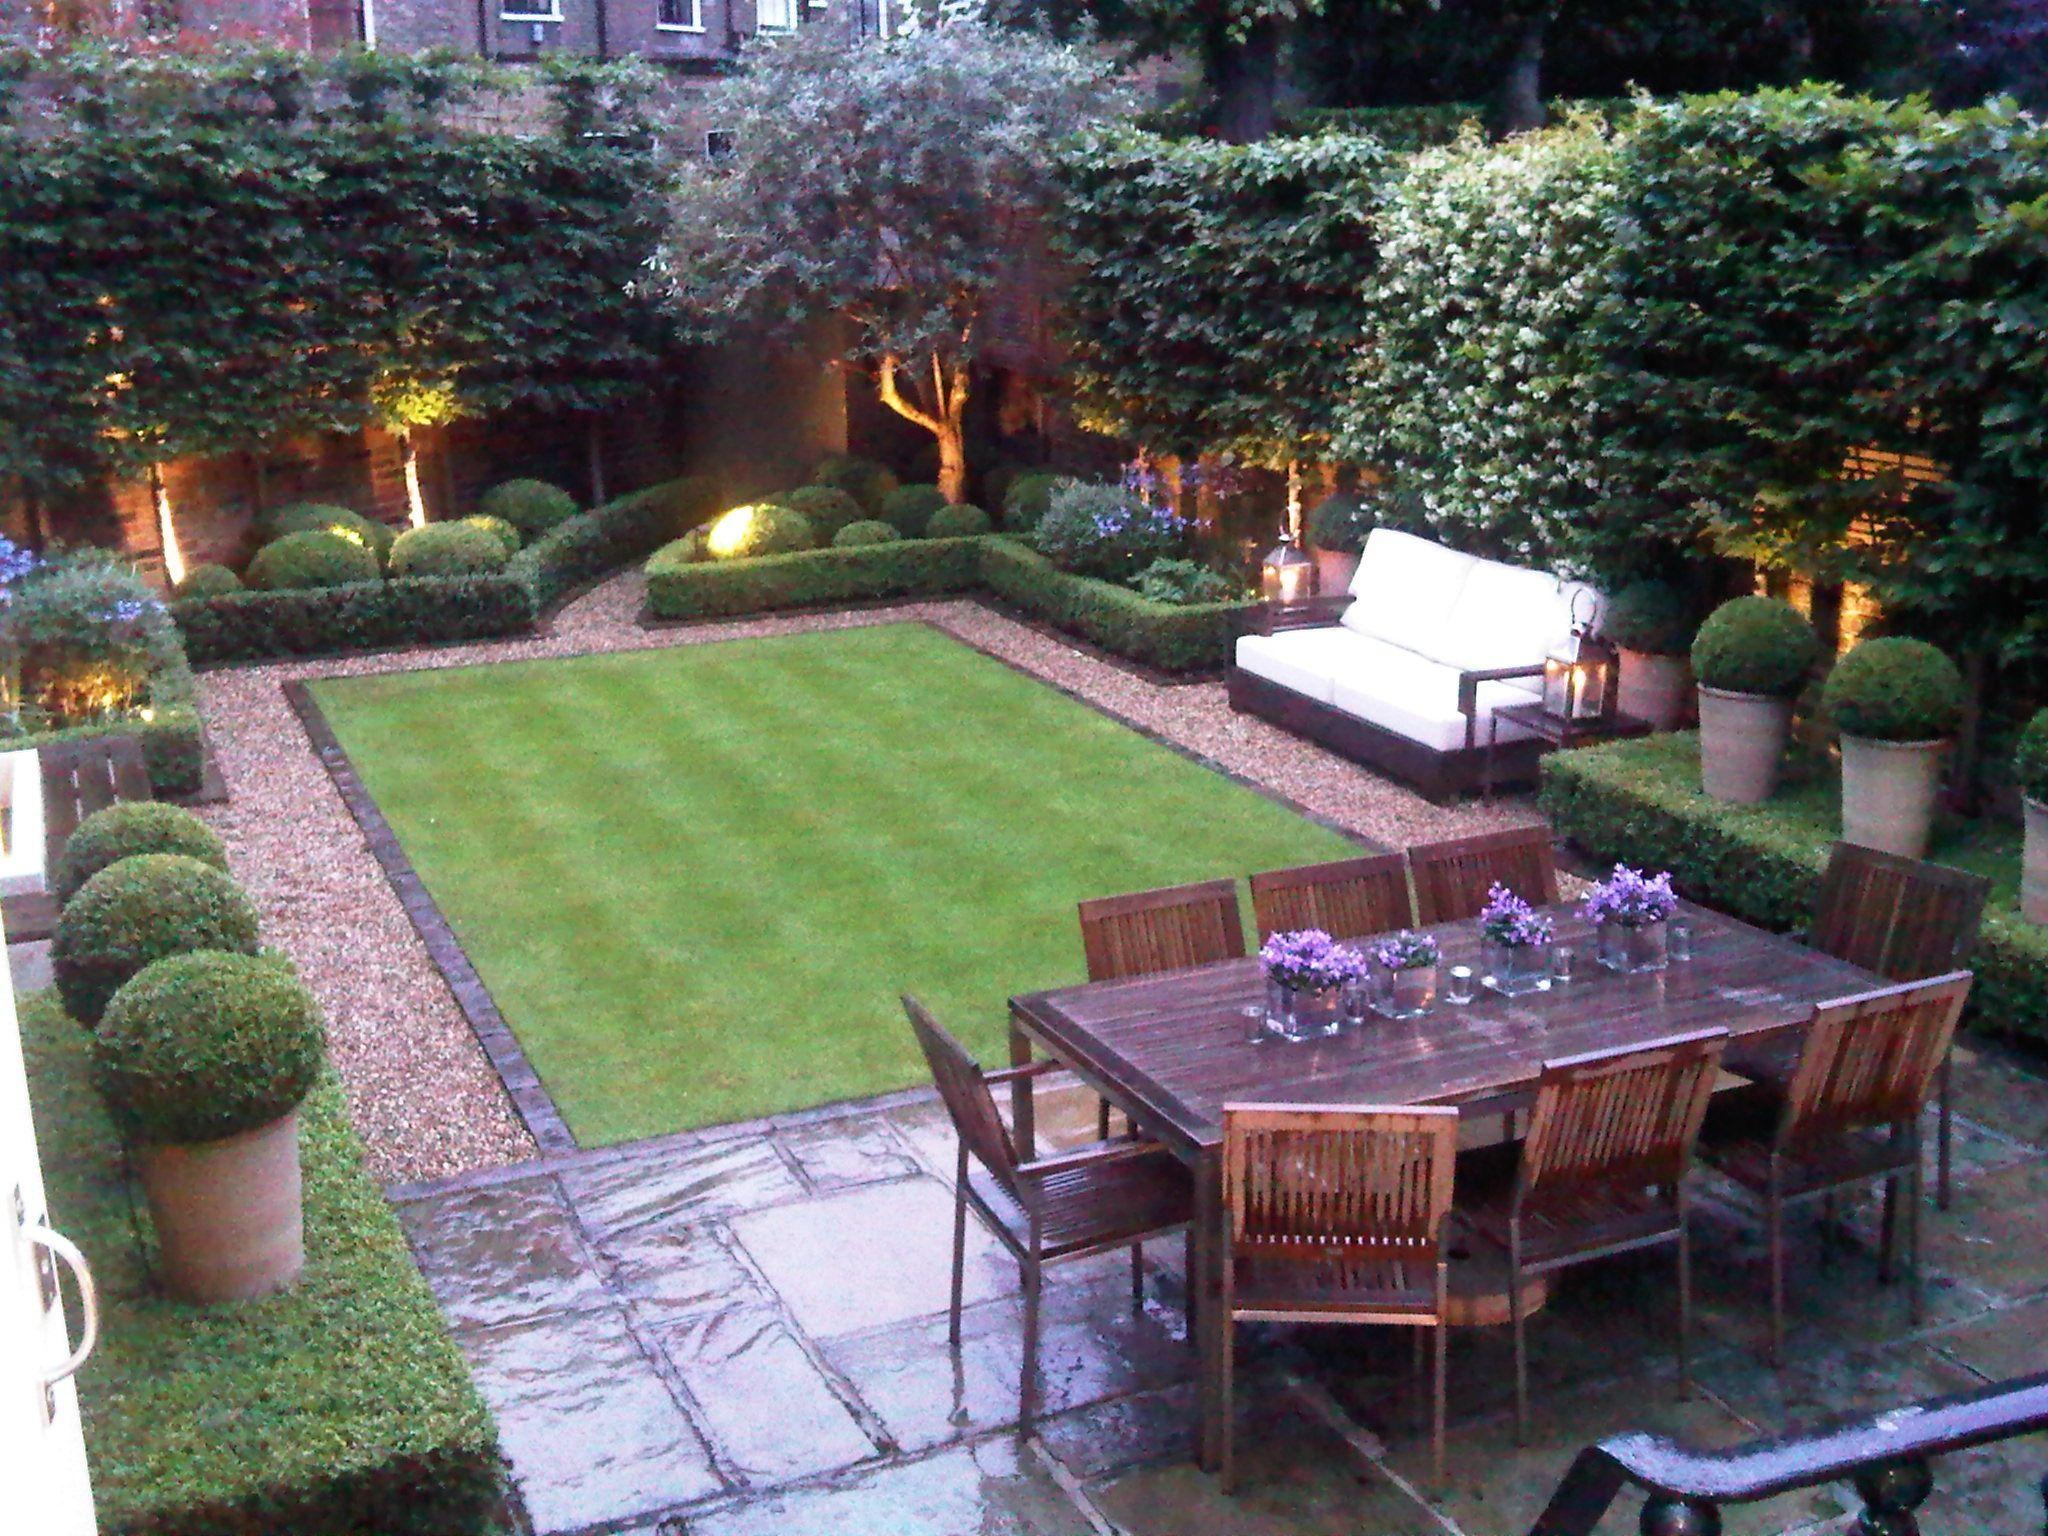 lauren's garden inspiration | small garden ideas | small